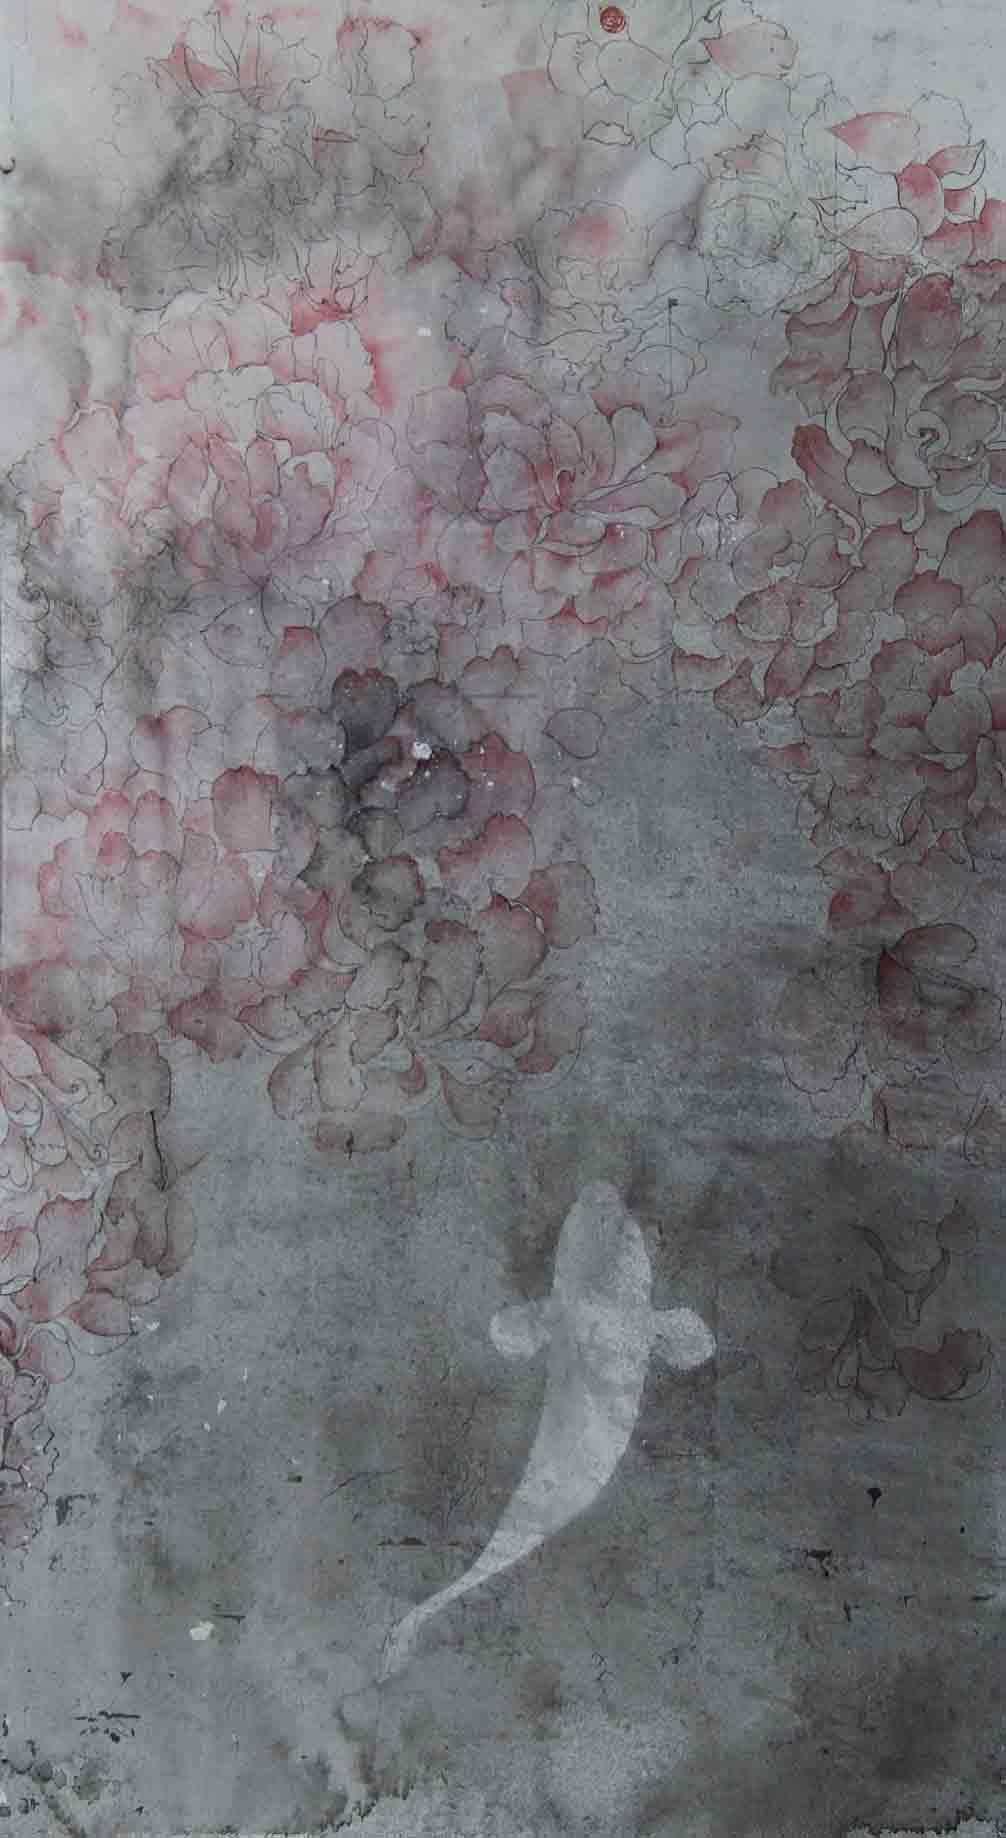 四月天之鱼60x36绢本水墨